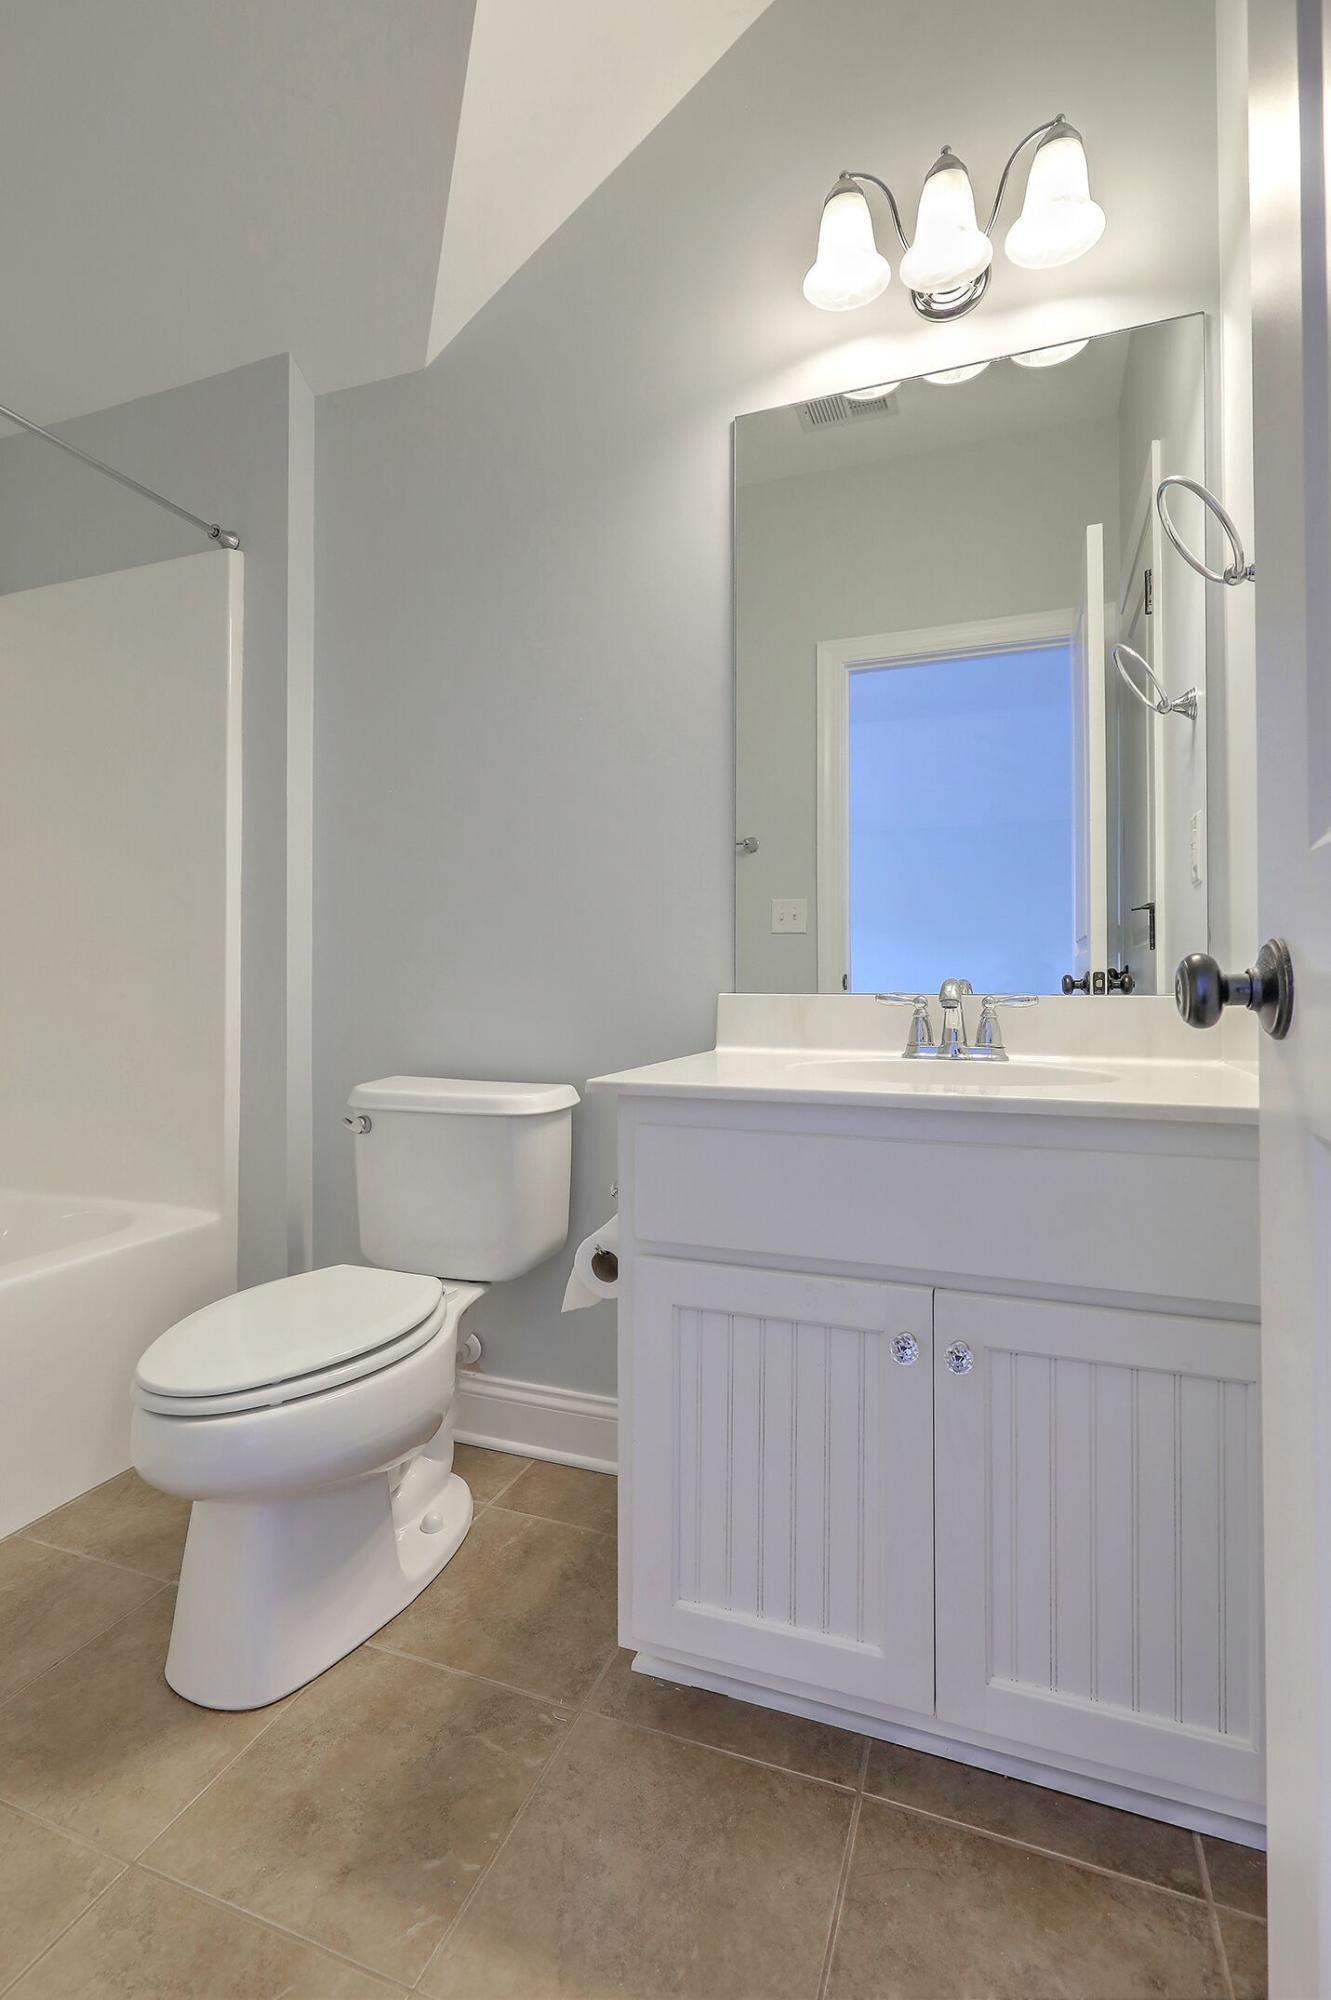 Dunes West Homes For Sale - 2970 Sturbridge, Mount Pleasant, SC - 56